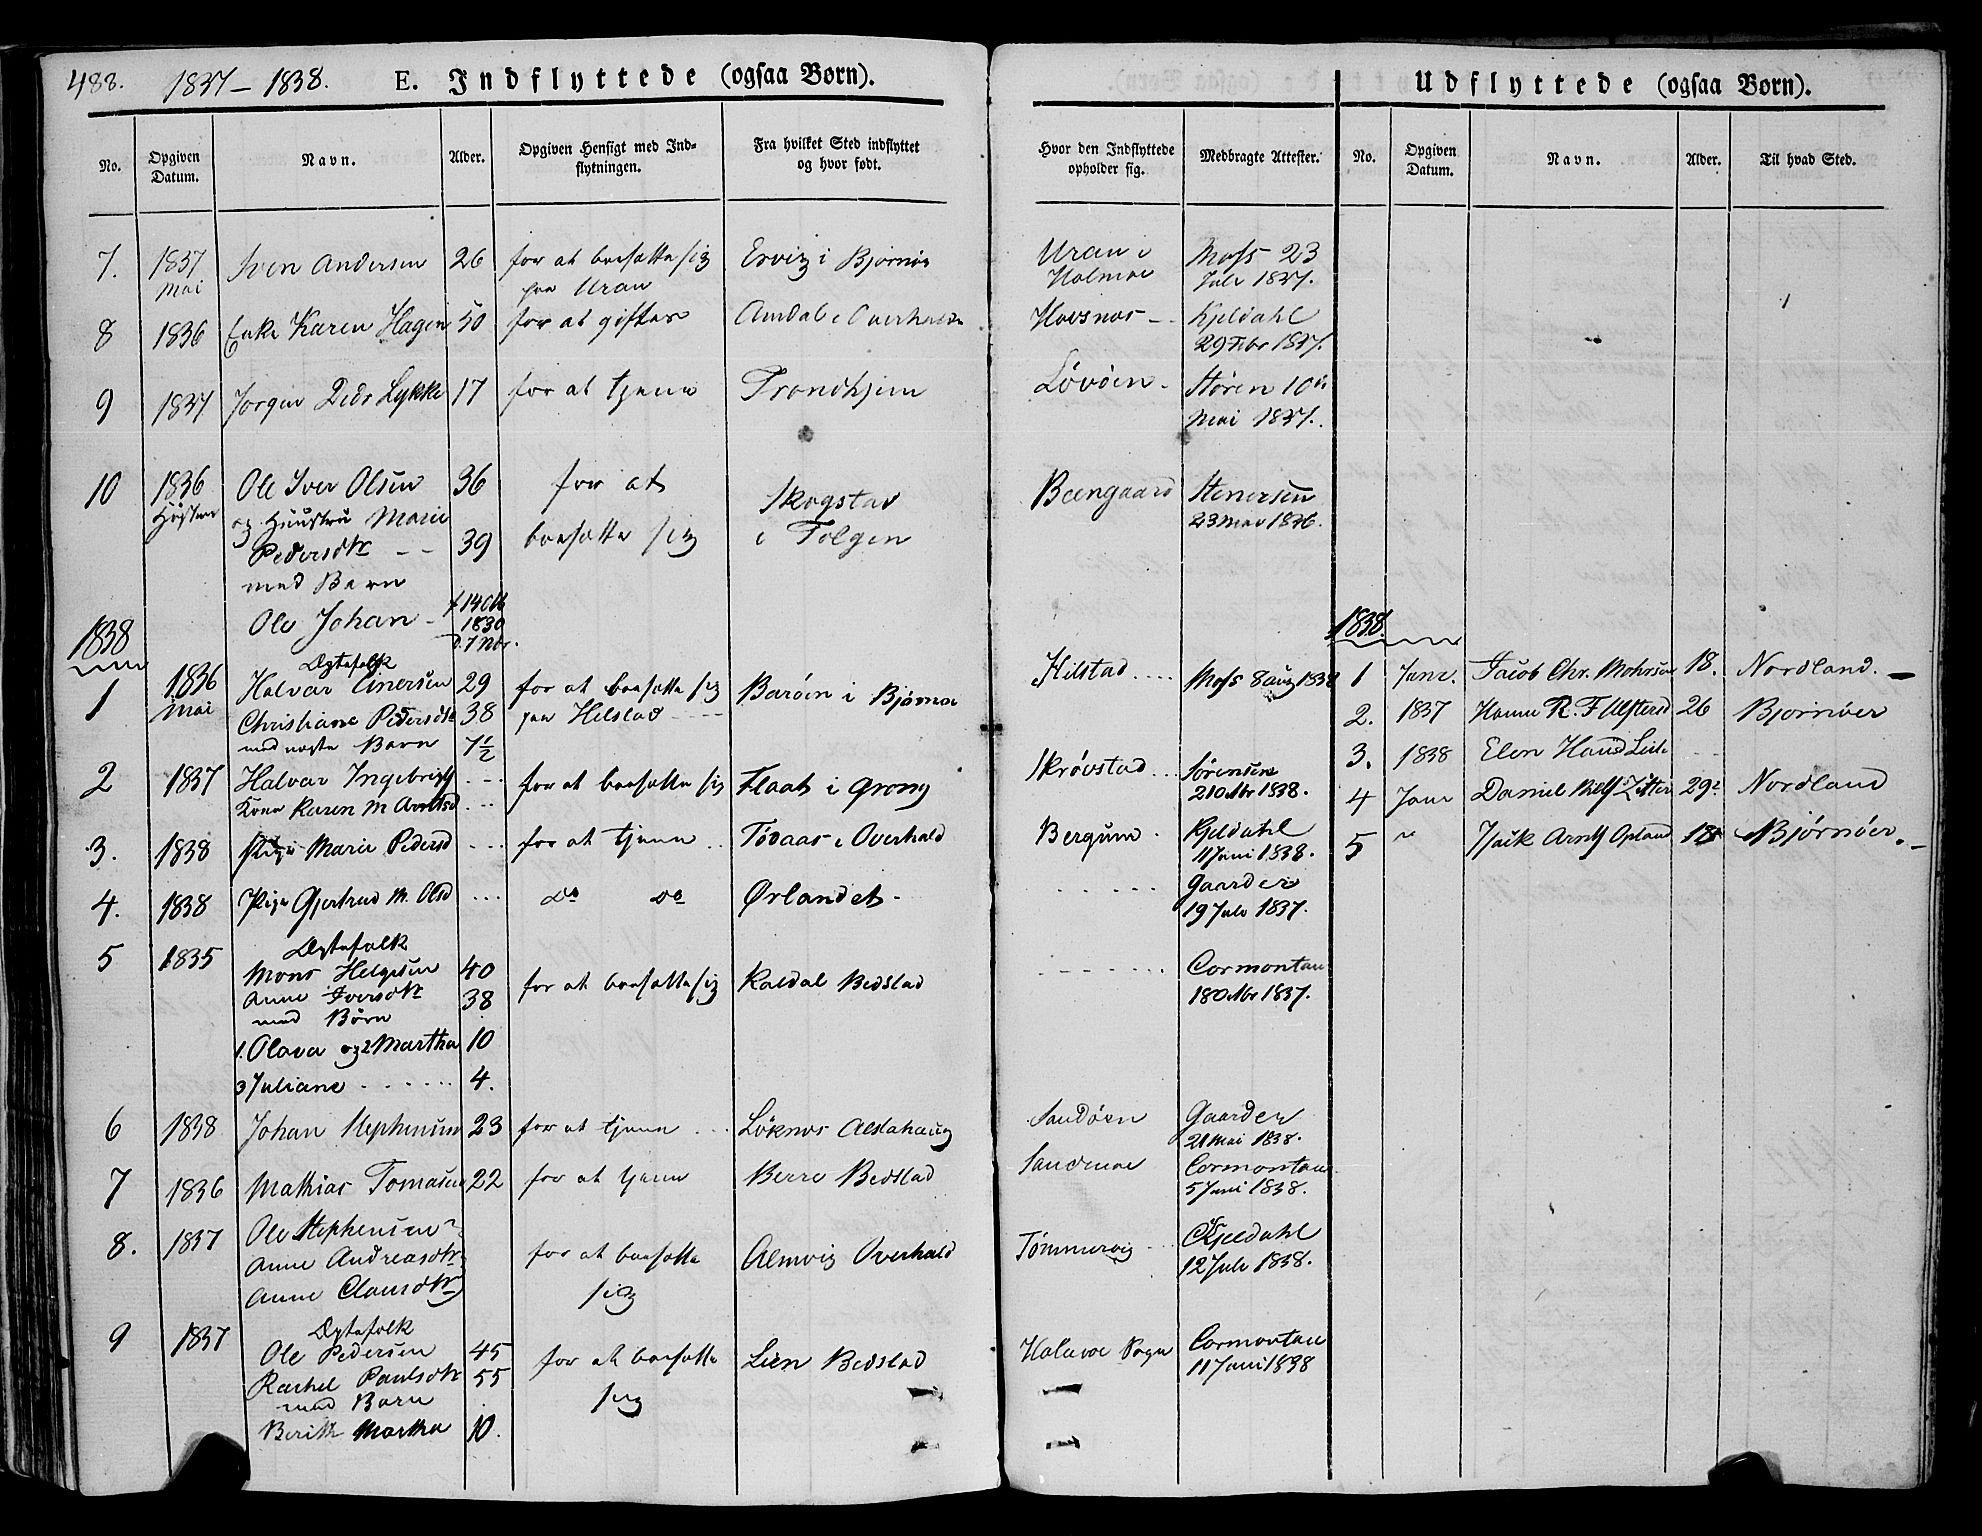 SAT, Ministerialprotokoller, klokkerbøker og fødselsregistre - Nord-Trøndelag, 773/L0614: Ministerialbok nr. 773A05, 1831-1856, s. 488